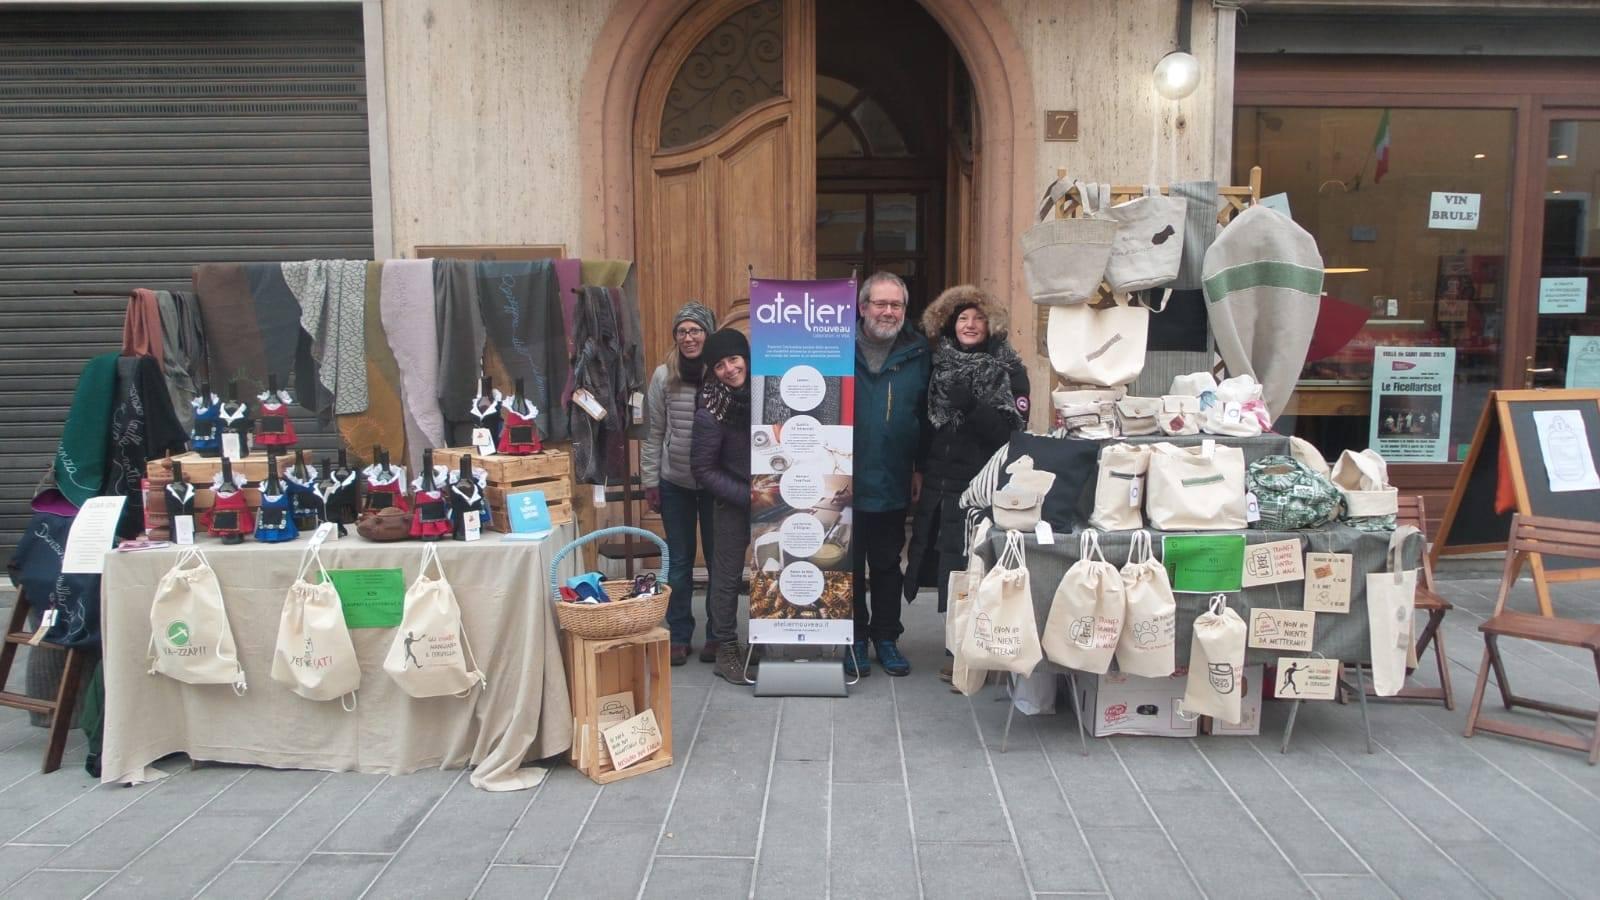 Anche Atelier Nouveau partecipa alla Fiera di Sant'Orso